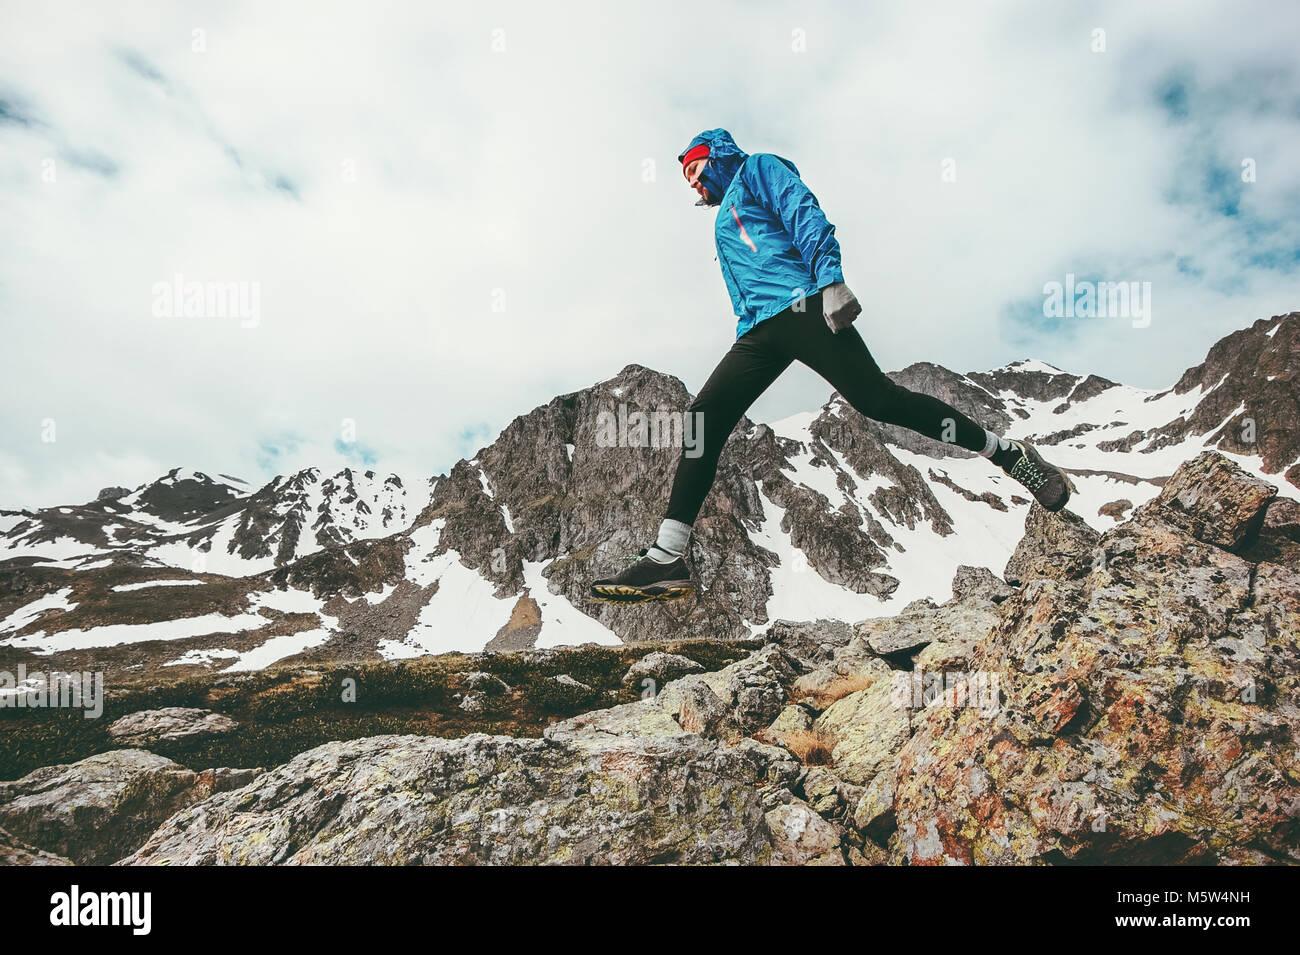 Active hombre corriendo en las montañas de viaje de aventura vacaciones en concepto de estilo de vida saludable Imagen De Stock